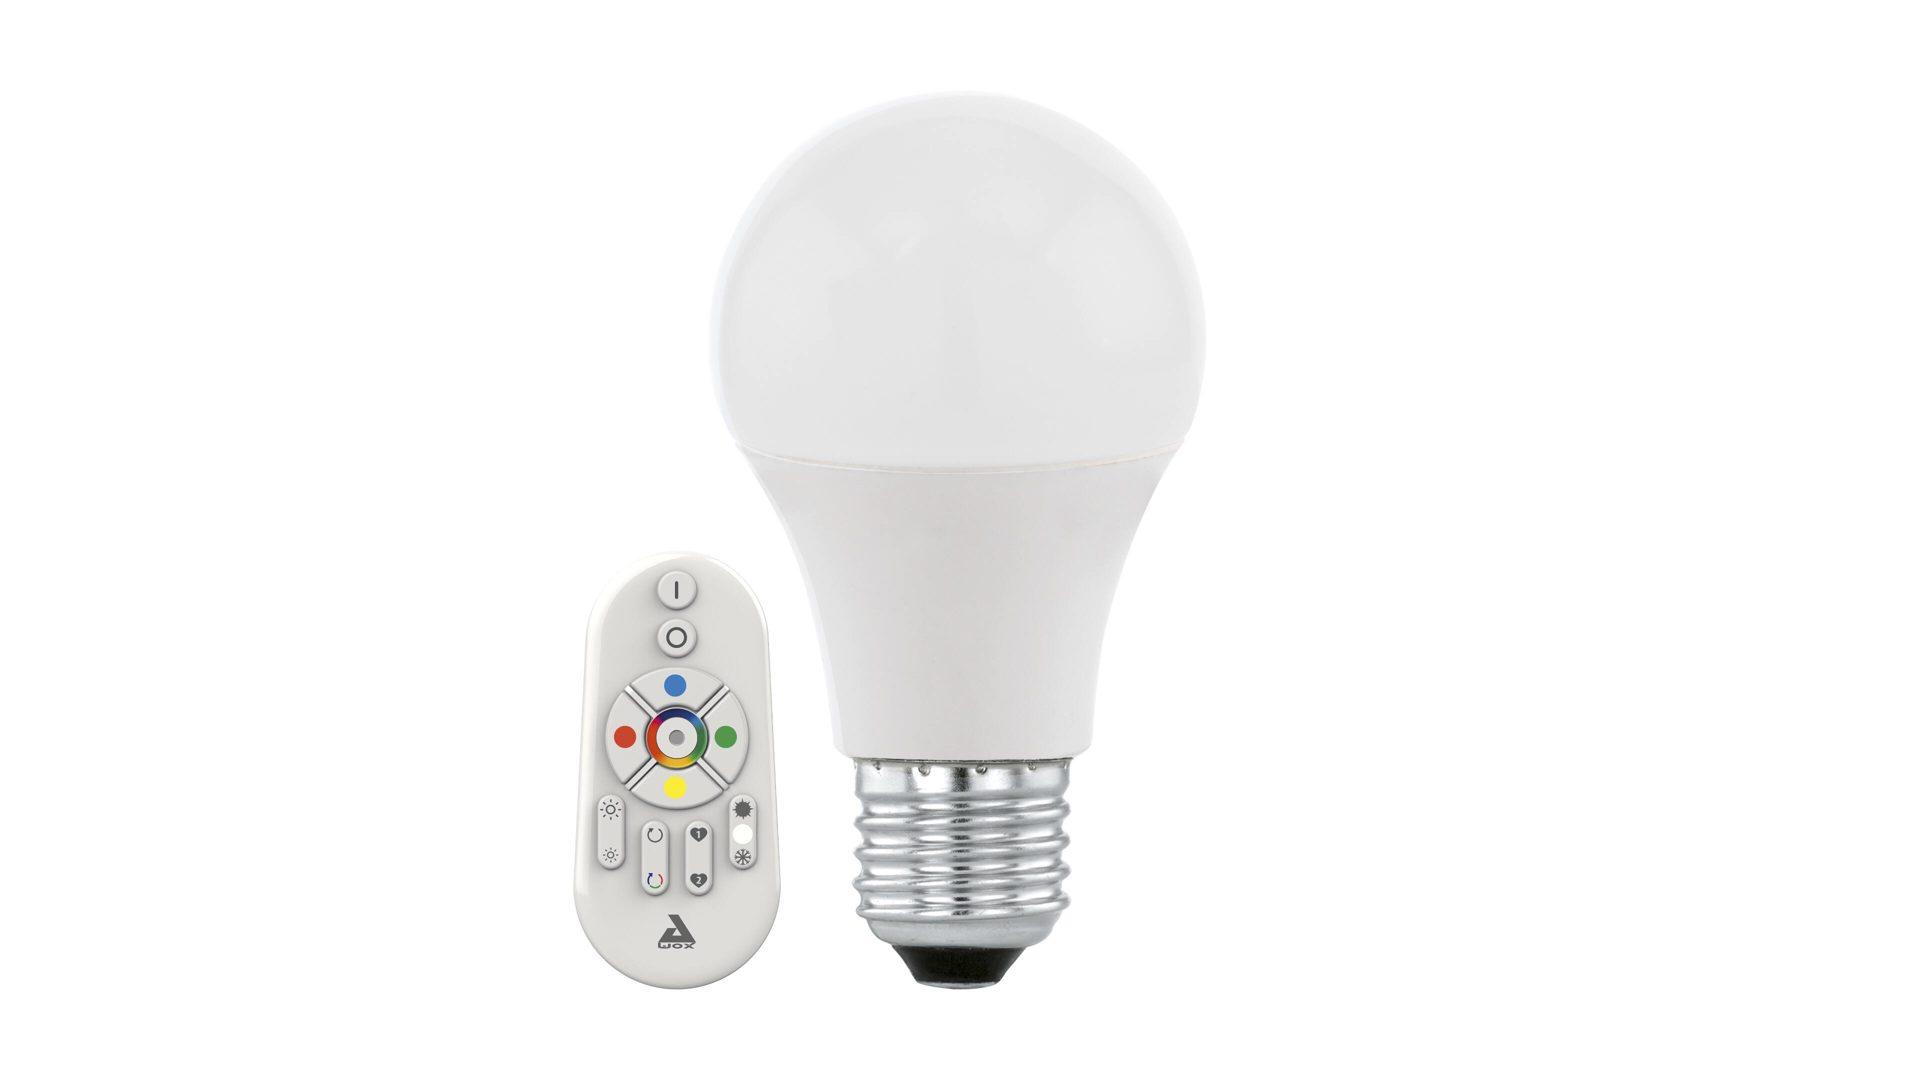 EGLO LED Leuchtmittel, weißes Glas, dimmbar – Durchmesser ca. 6 cm